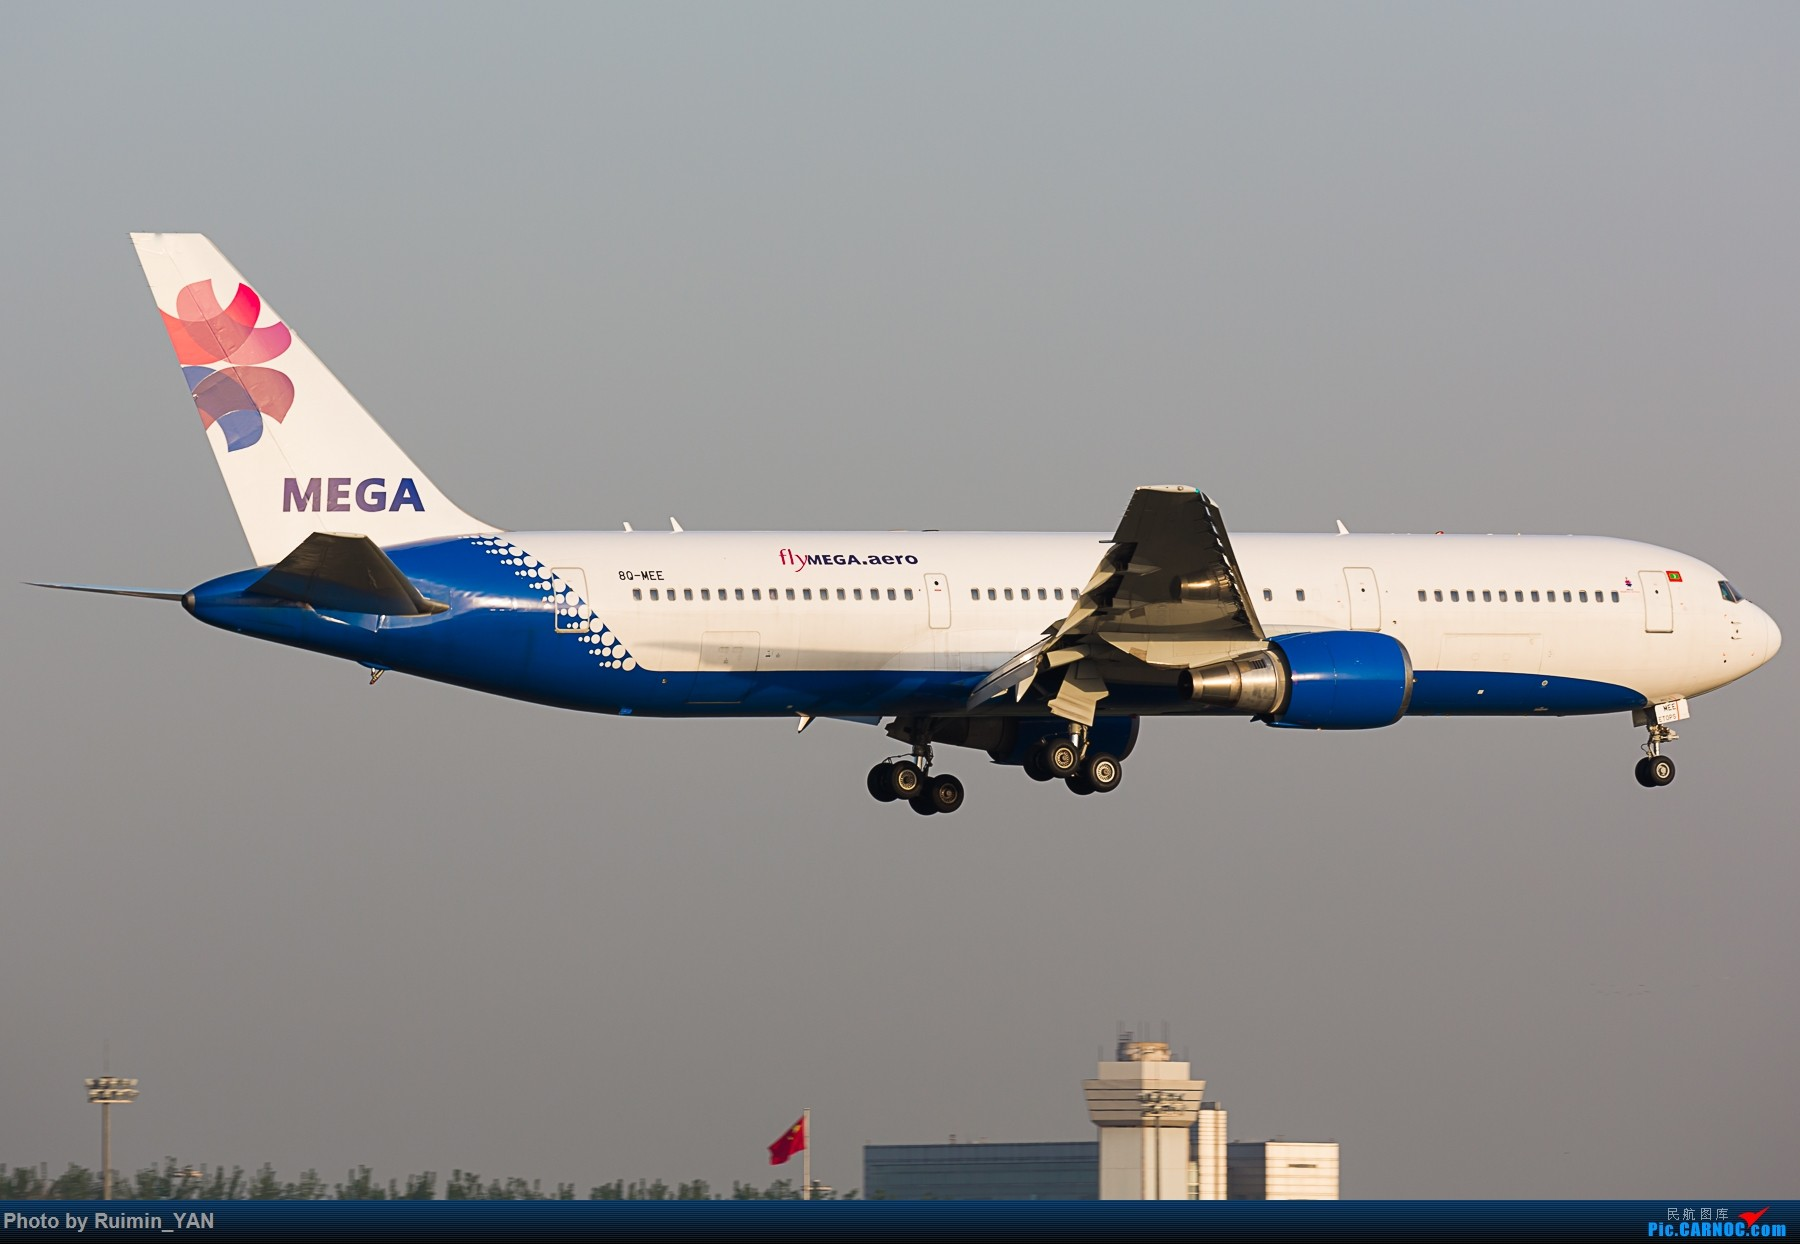 【PEK】【彩绘】马尔代夫美佳航空(LV, Mega Global Air)因重组暂停中国航线 flyMEGA.aero 8Q-MEE B763 BOEING 767-300ER 8Q-MEE 中国北京首都国际机场